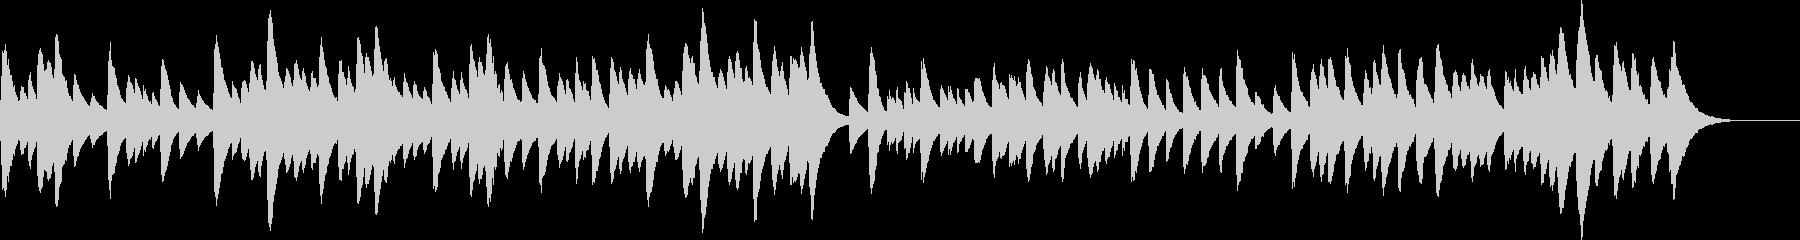 メヌエット/バッハ、の暖かいオルゴールの未再生の波形